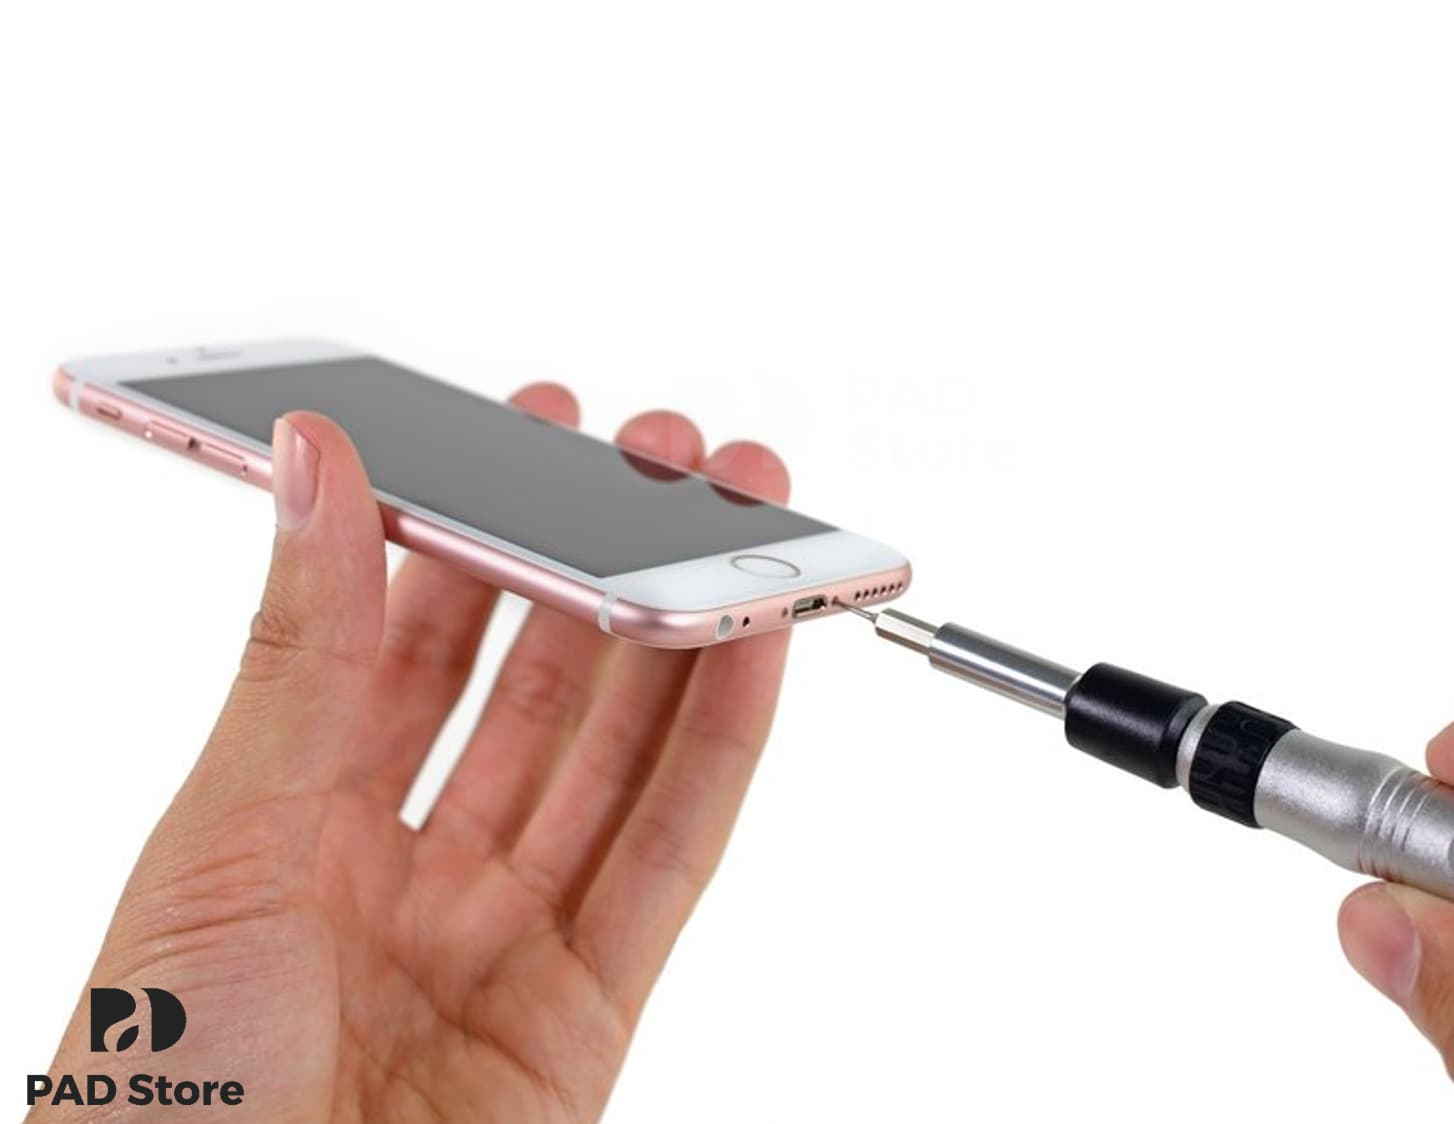 Khi nào cần thay PIN cho iPhone 6s